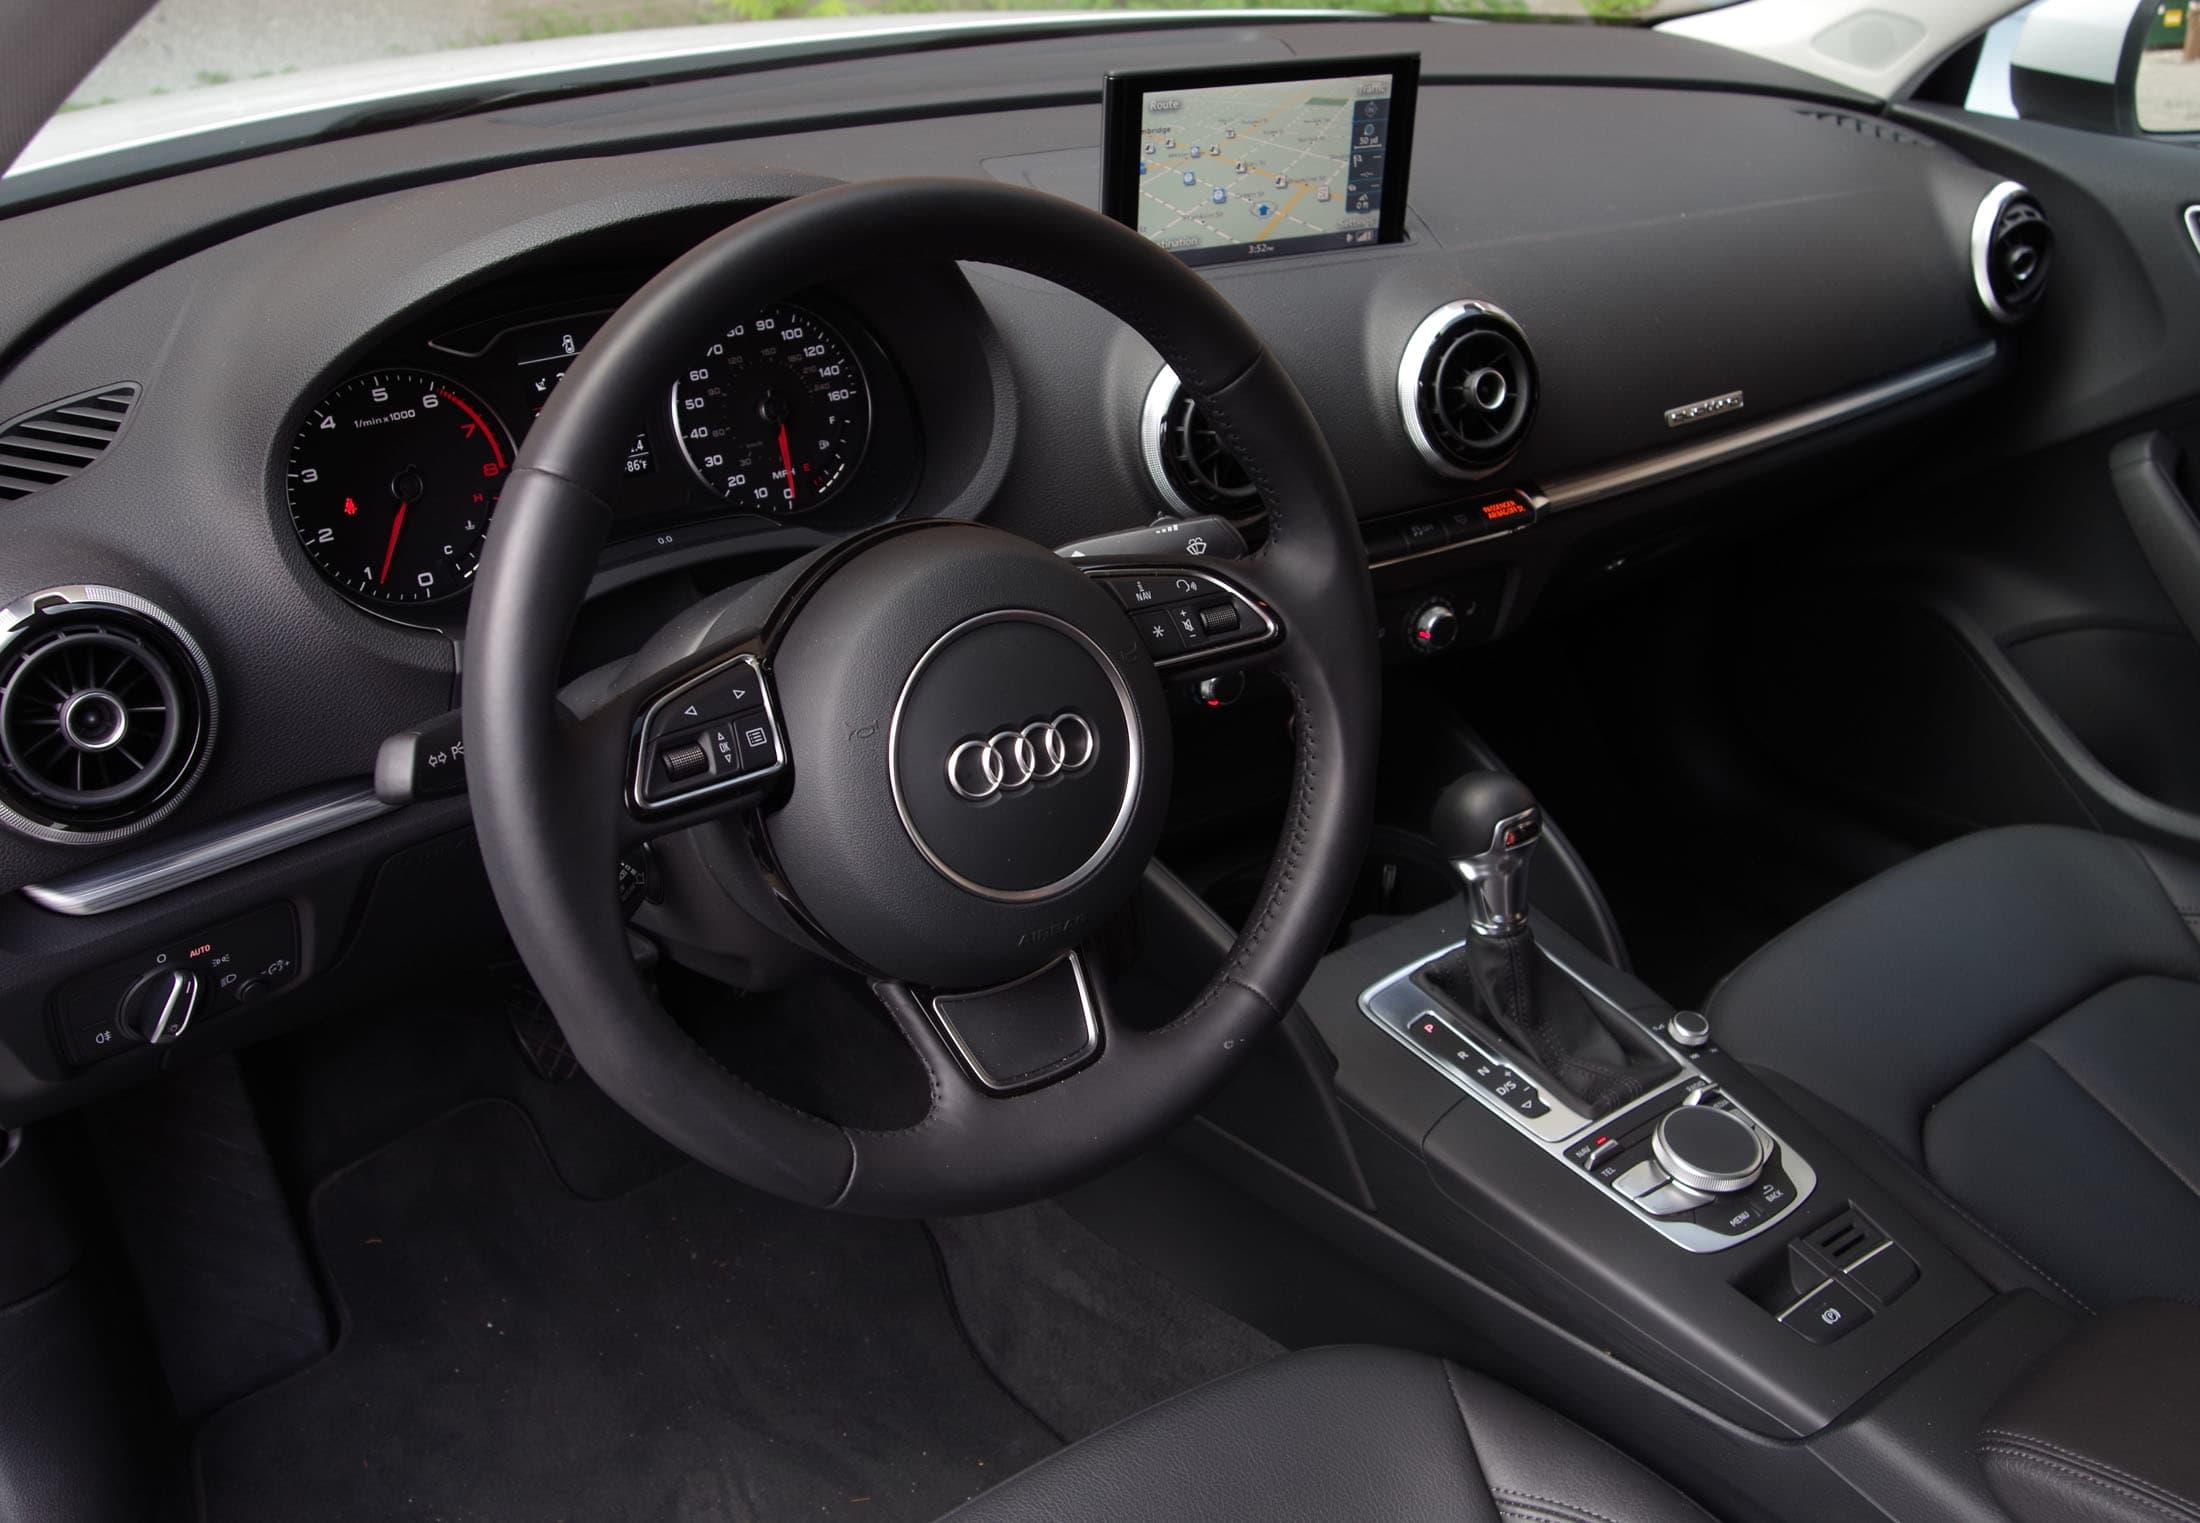 Audi a3 driver's view interior